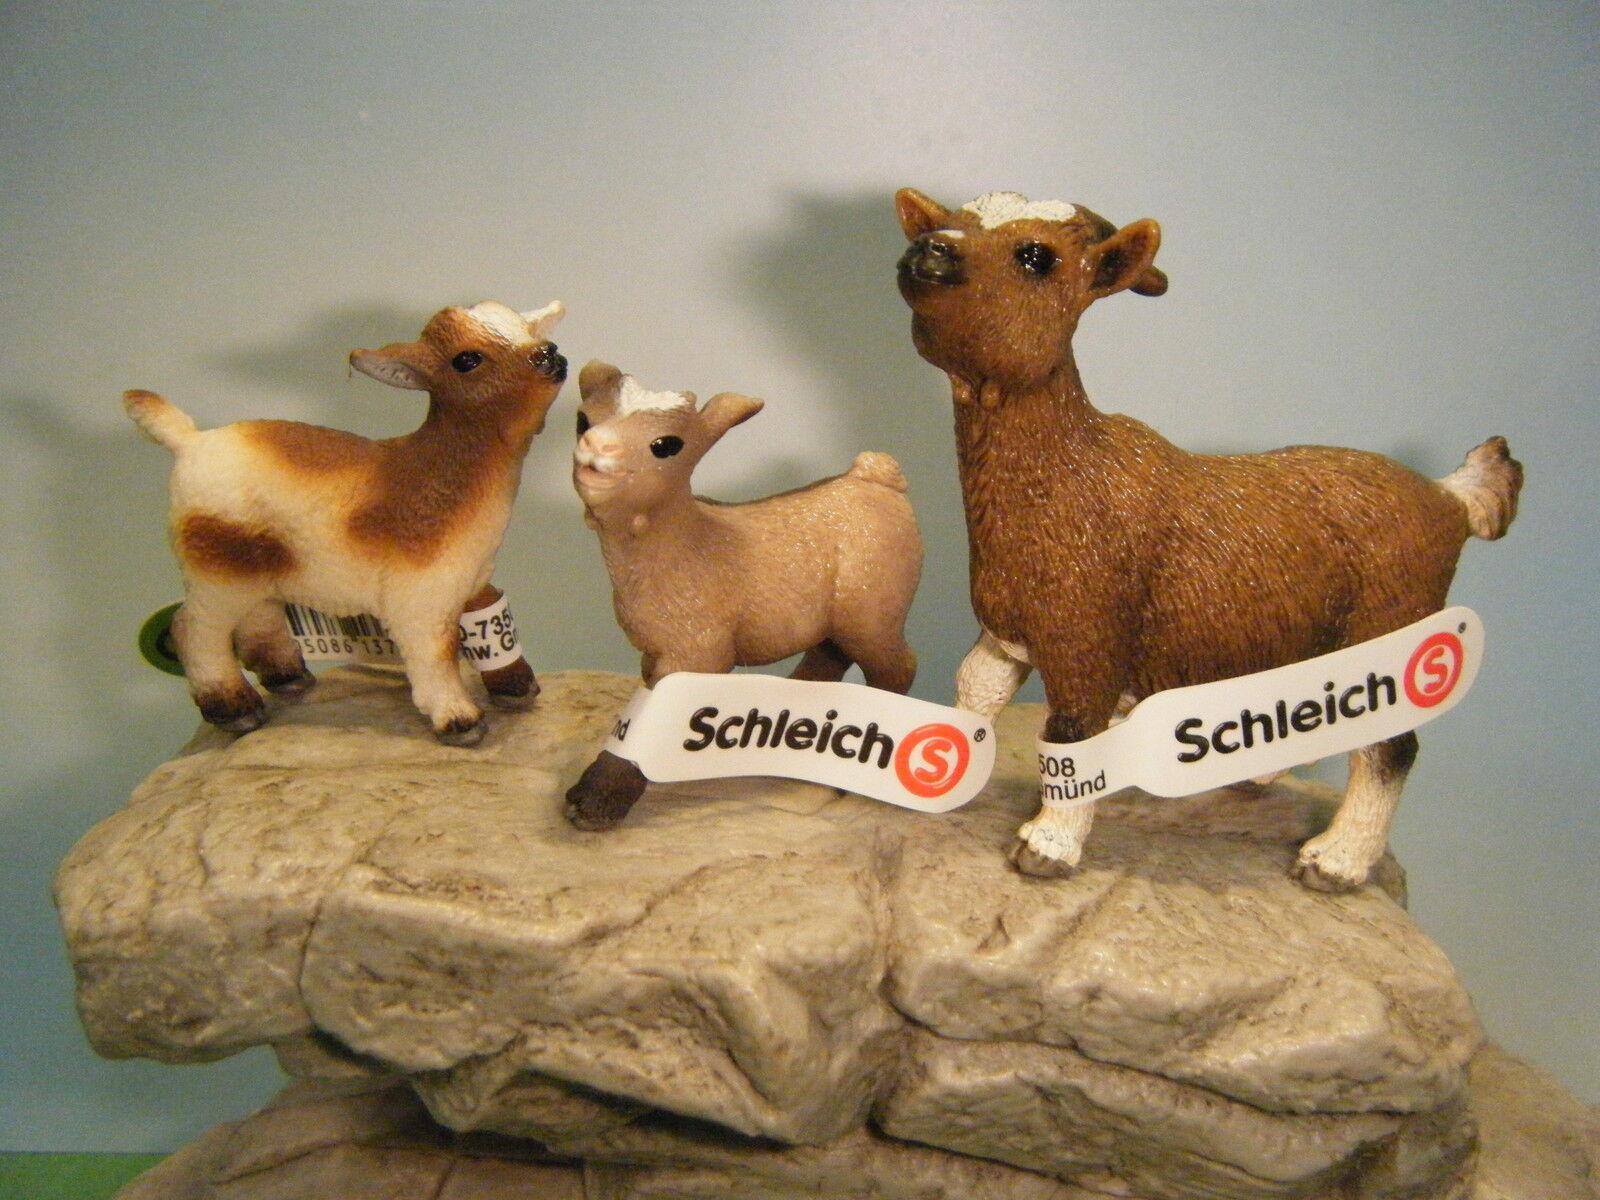 Schleich zwerg ziege   13715 kind   13716 & kind meckern   13717  neu  2012